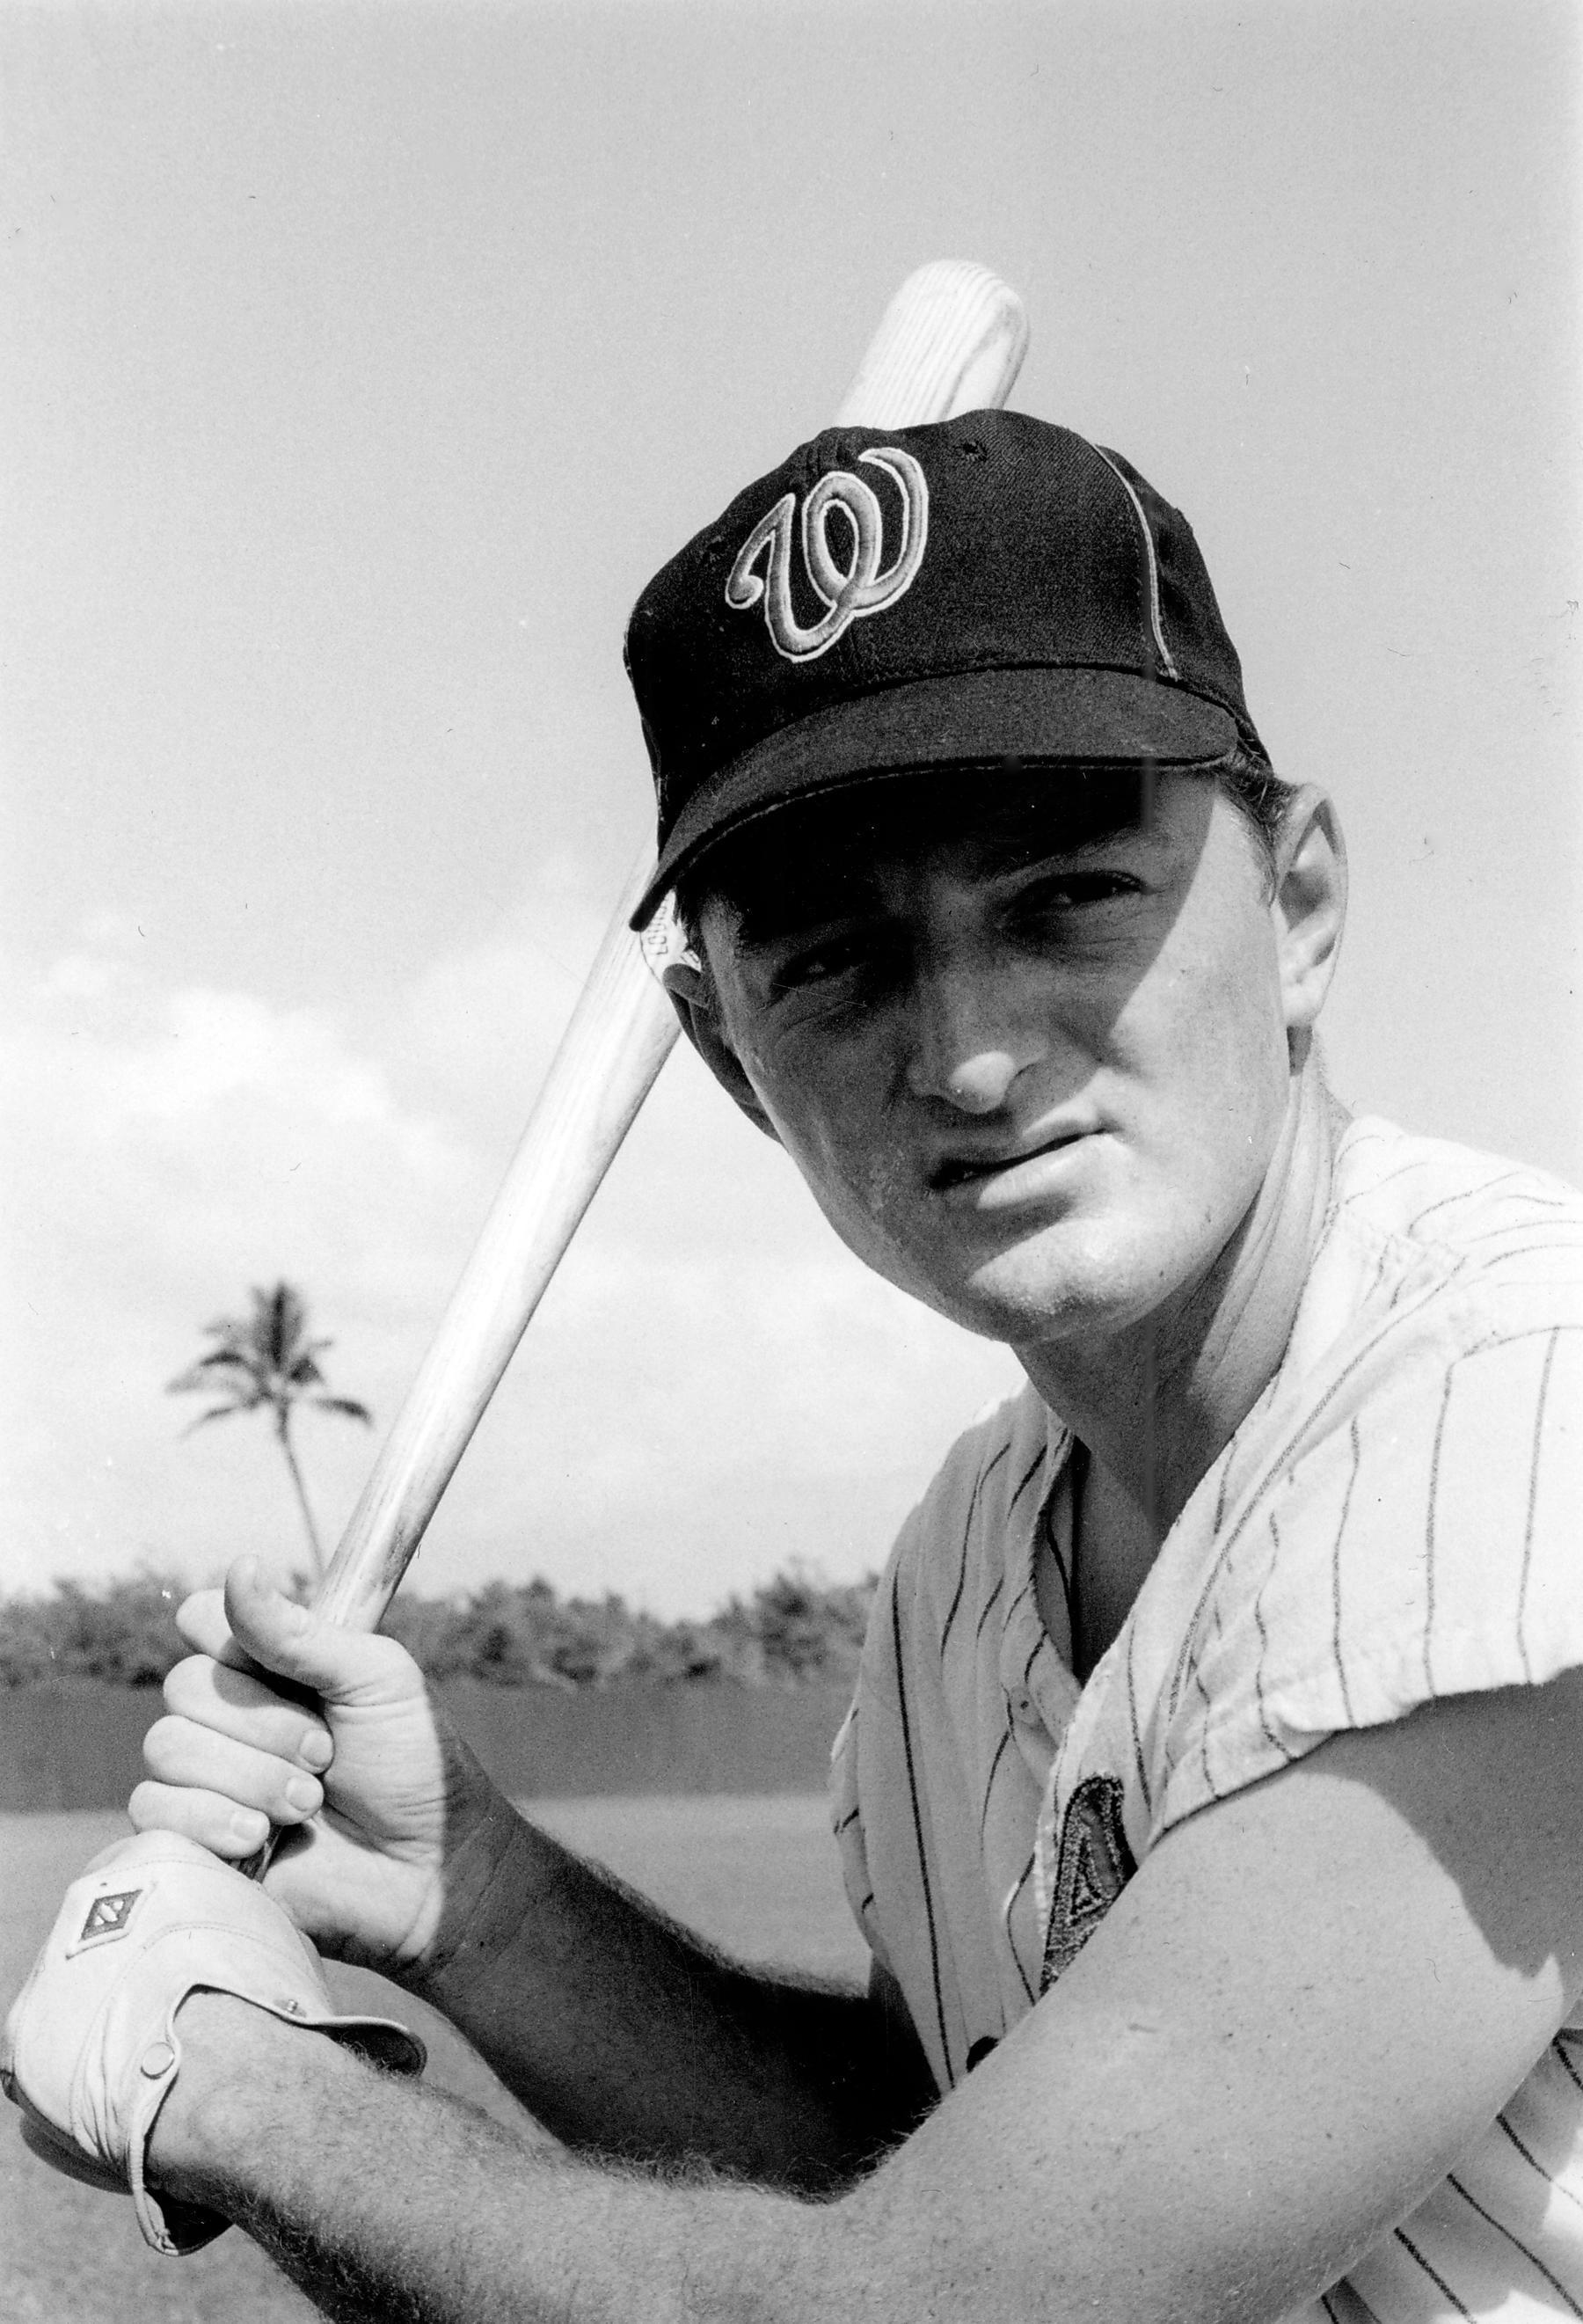 Ken Harrelson of the Washington Senators. BL-2639.72 (National Baseball Hall of Fame Library)